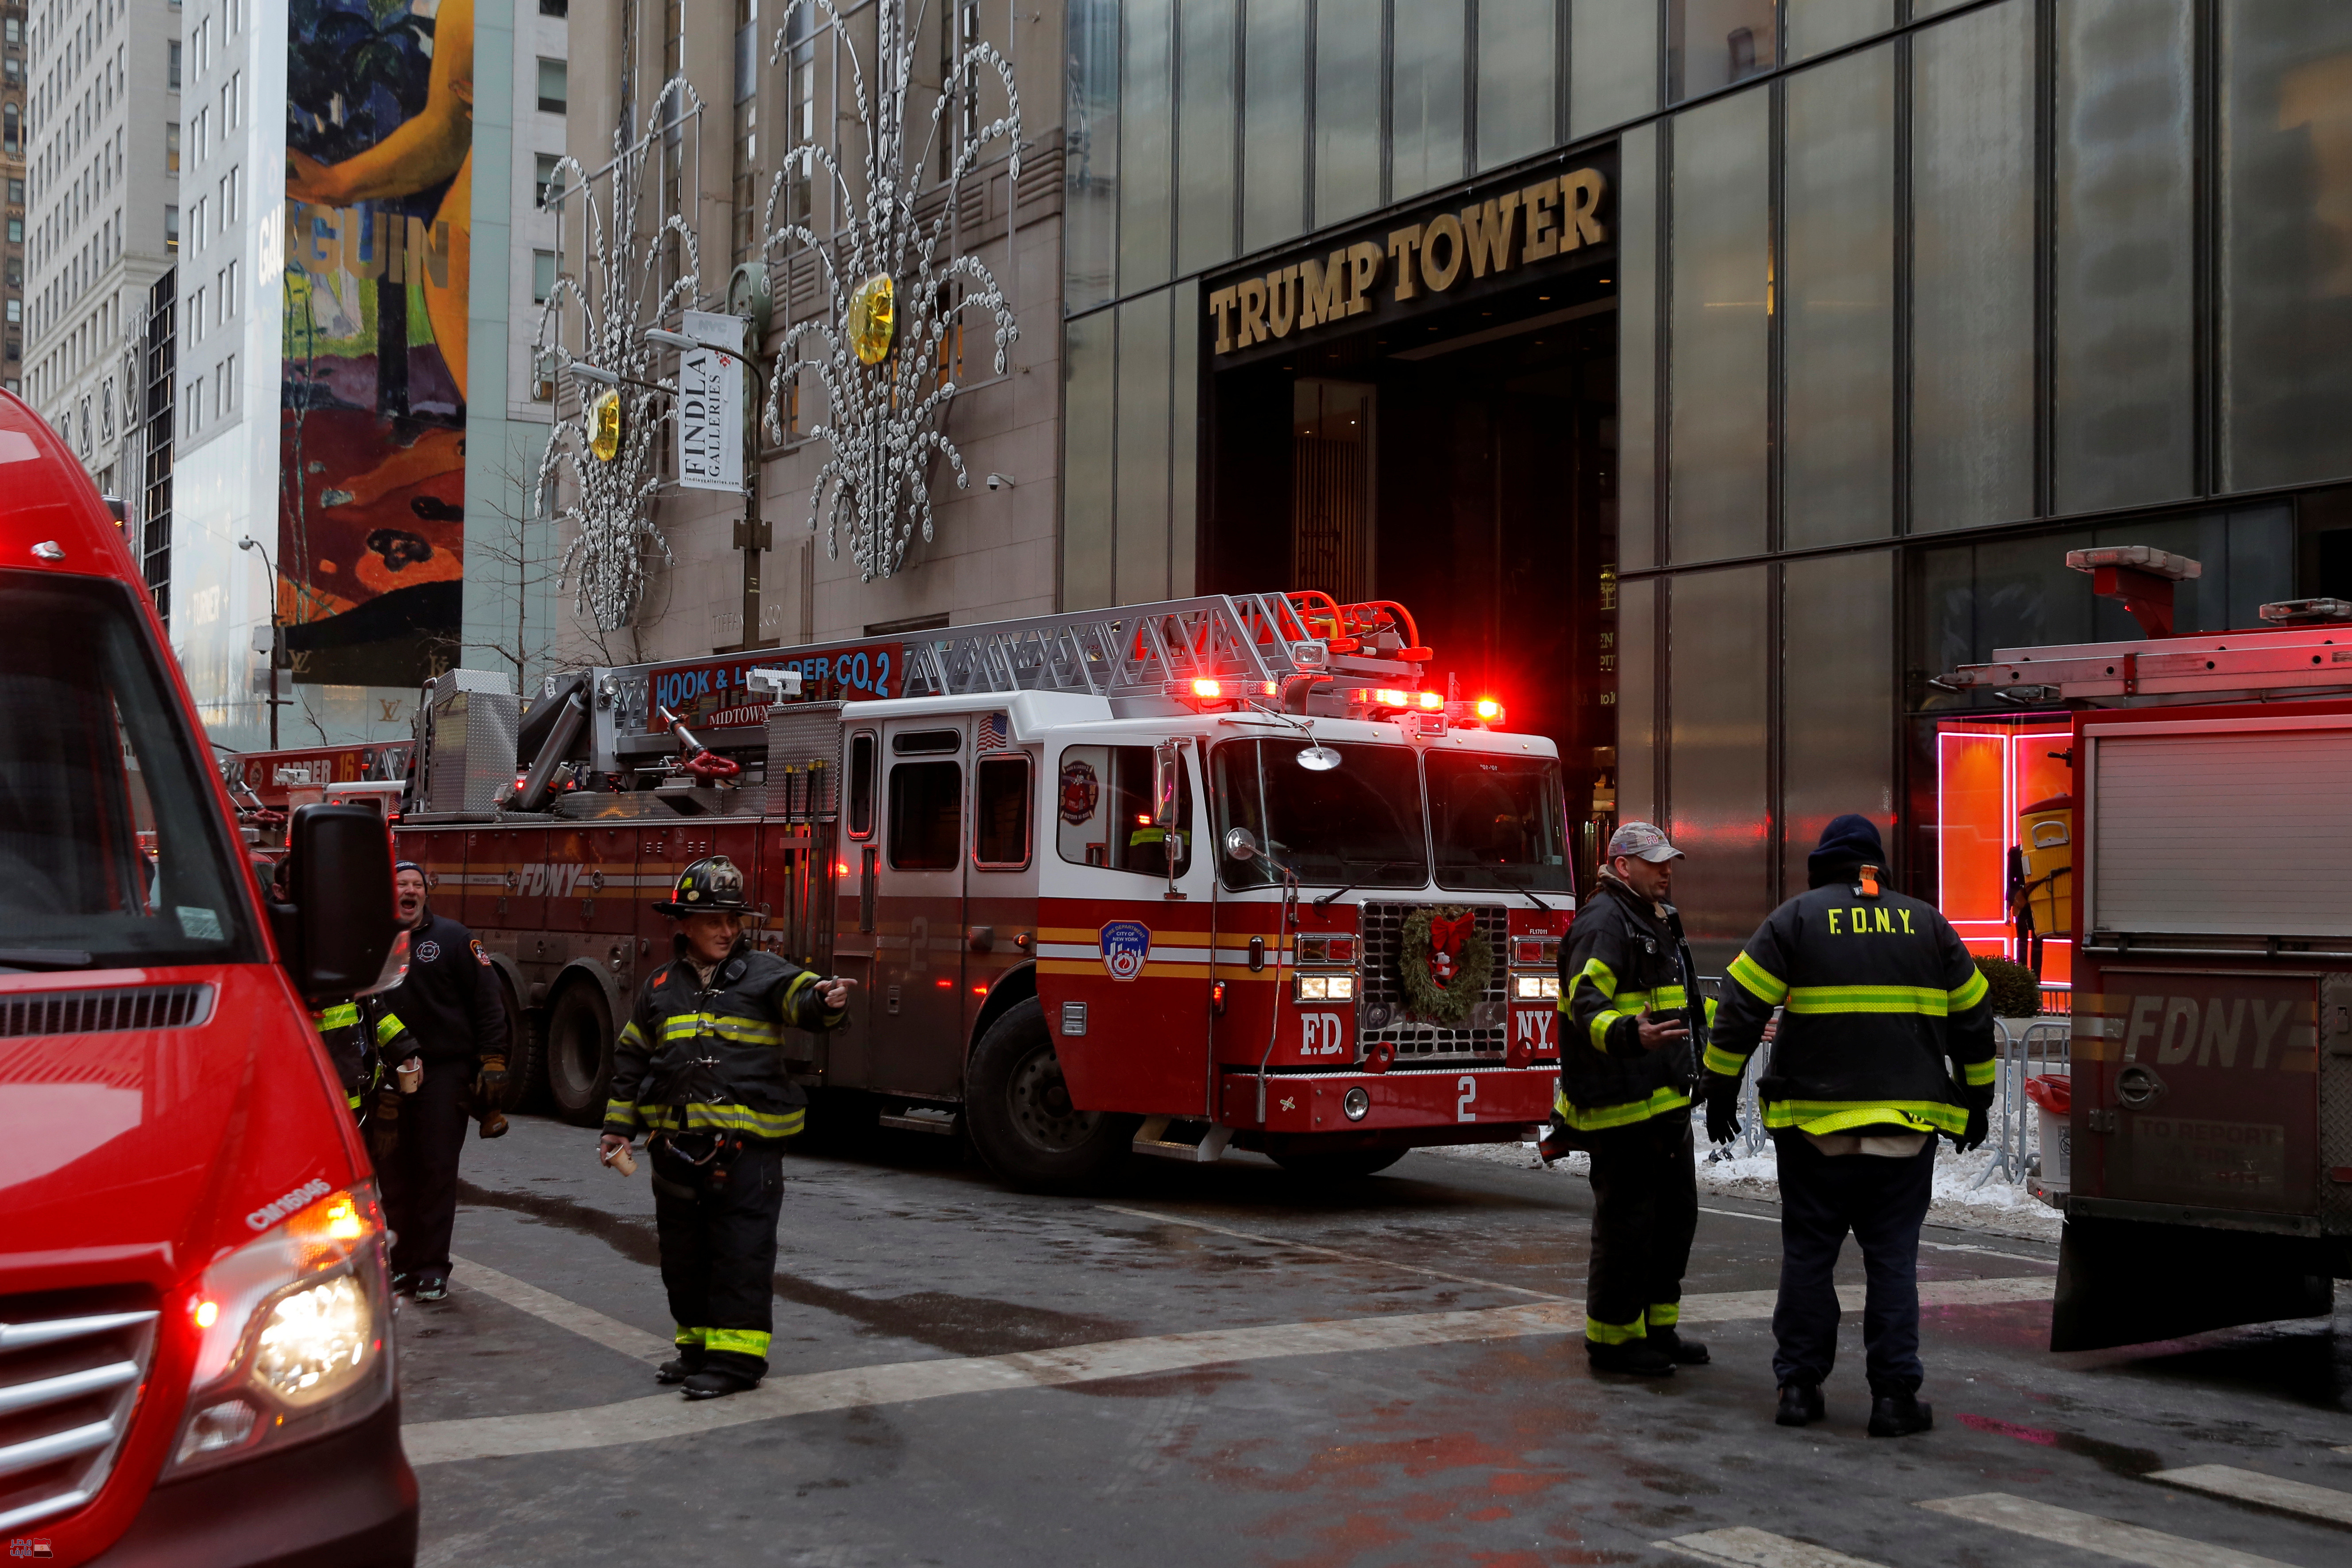 بالفيديو والصور| نشوب حريق في برج ترامب في مانهاتن وإصابة شخصين 1